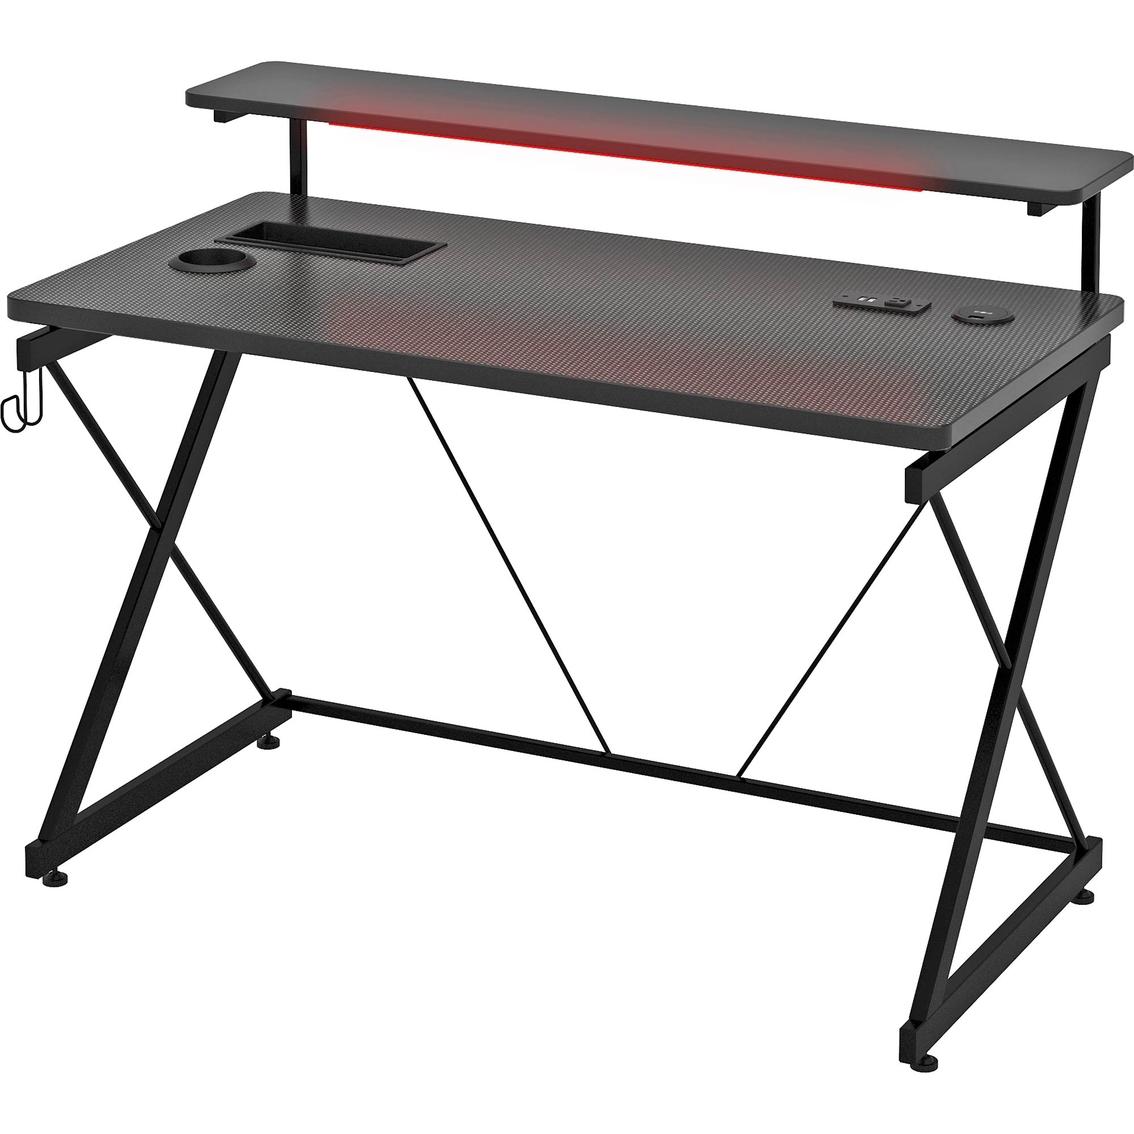 Z-line Series 1.6 Gaming Desk | Desks | More | Shop The Exchange